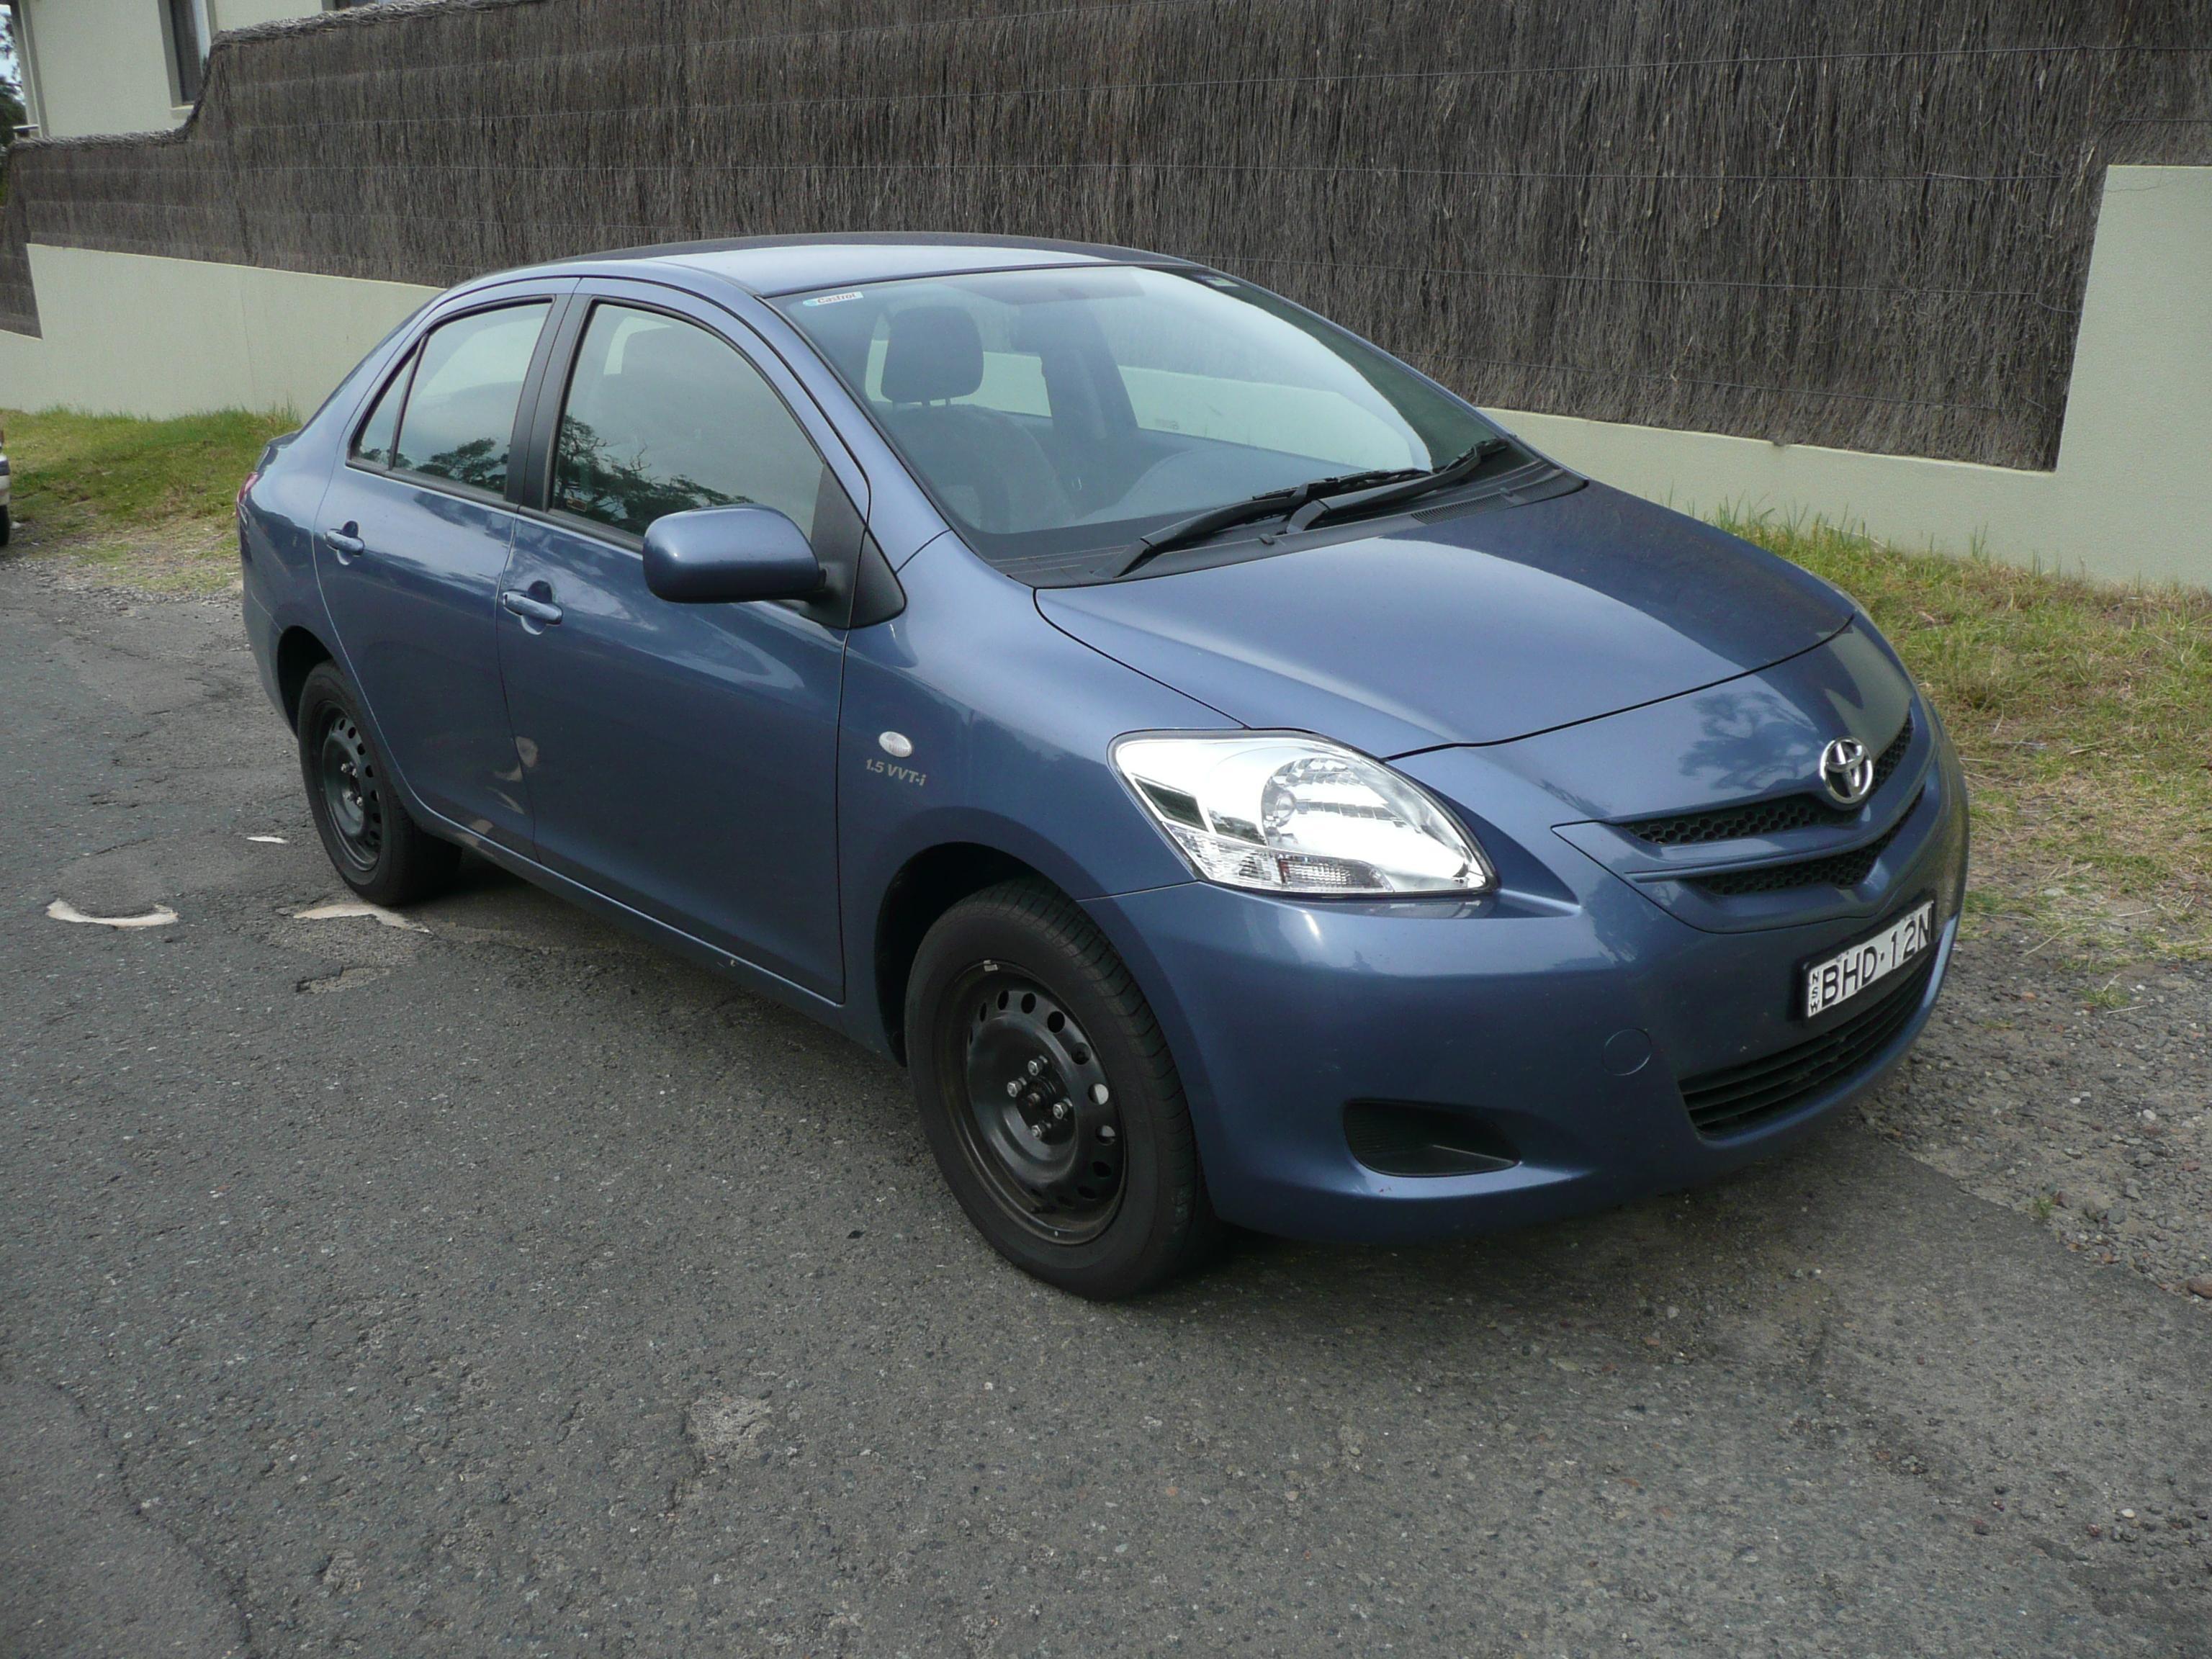 Kelebihan Kekurangan Toyota Yaris 2006 Perbandingan Harga